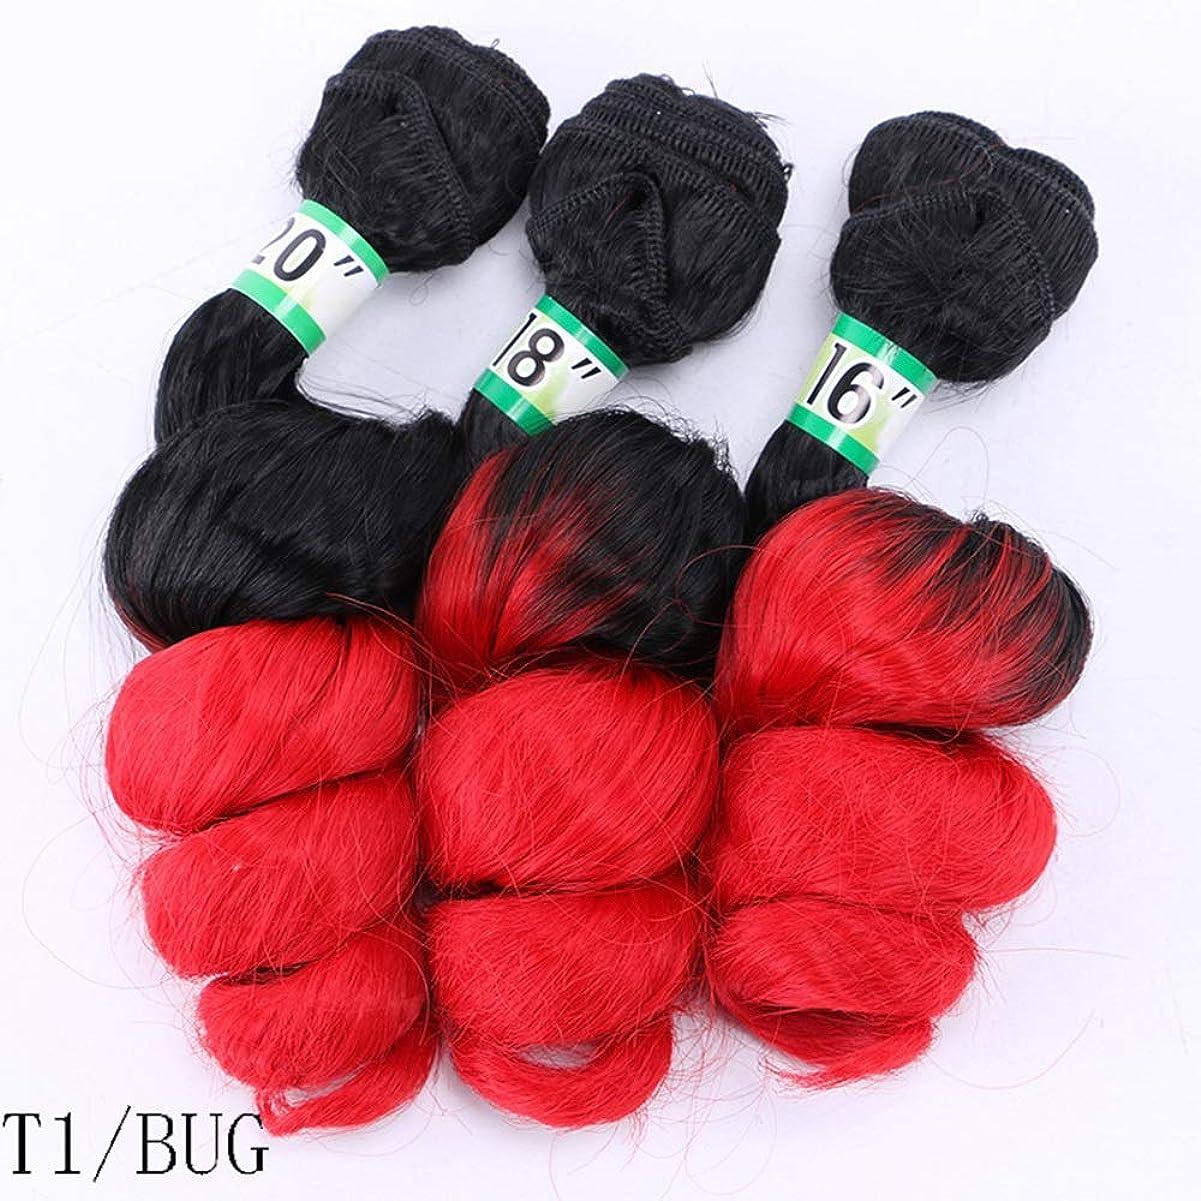 誤解させる有害ハウジングYAHONGOE ルースウェーブヘアスタイリング3バンドルブラジルの髪の拡張子 - T1 / BUG#赤(16